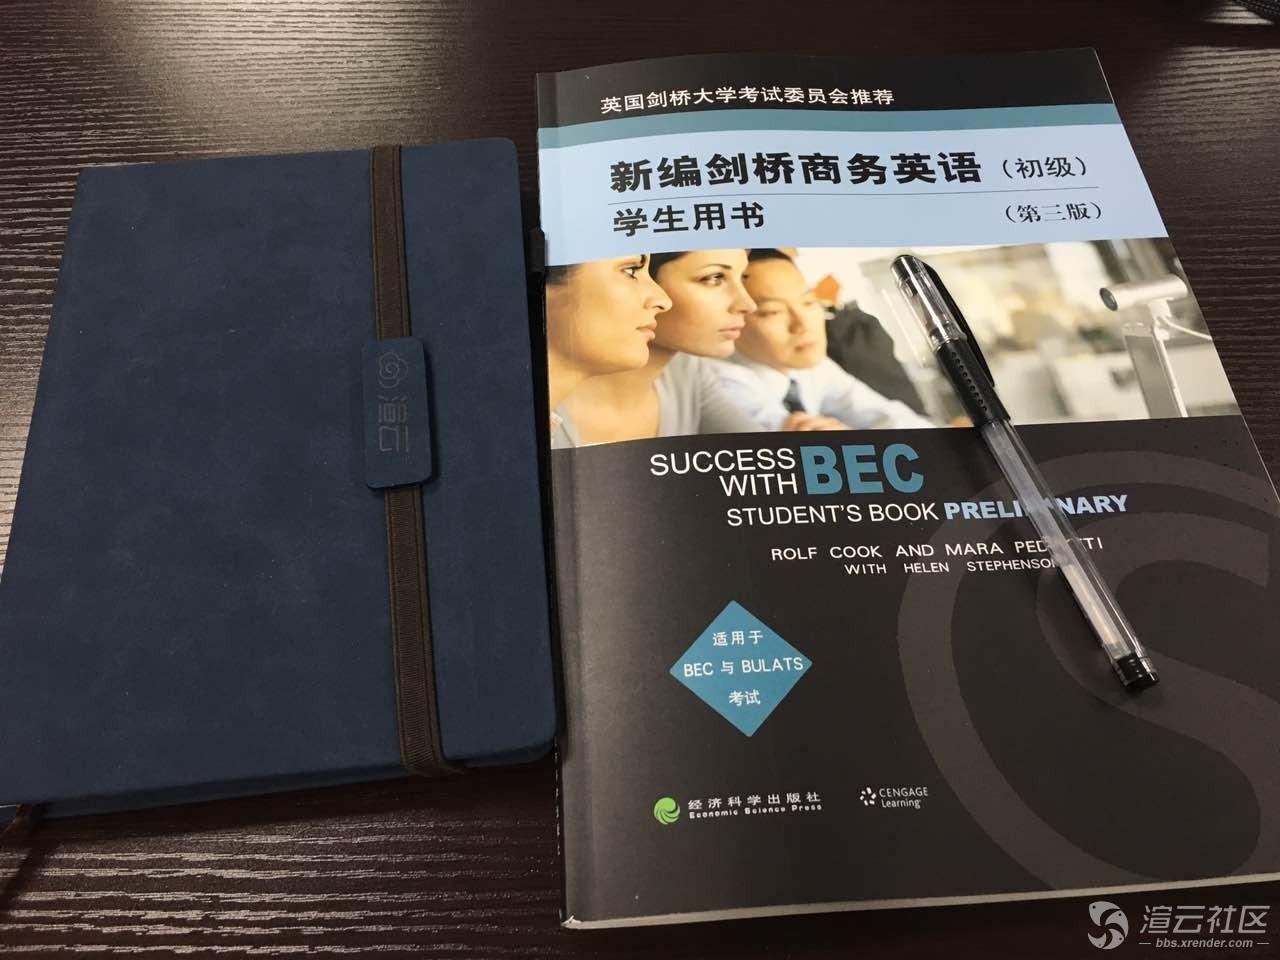 渲云内部BEC商务英语培训班开办